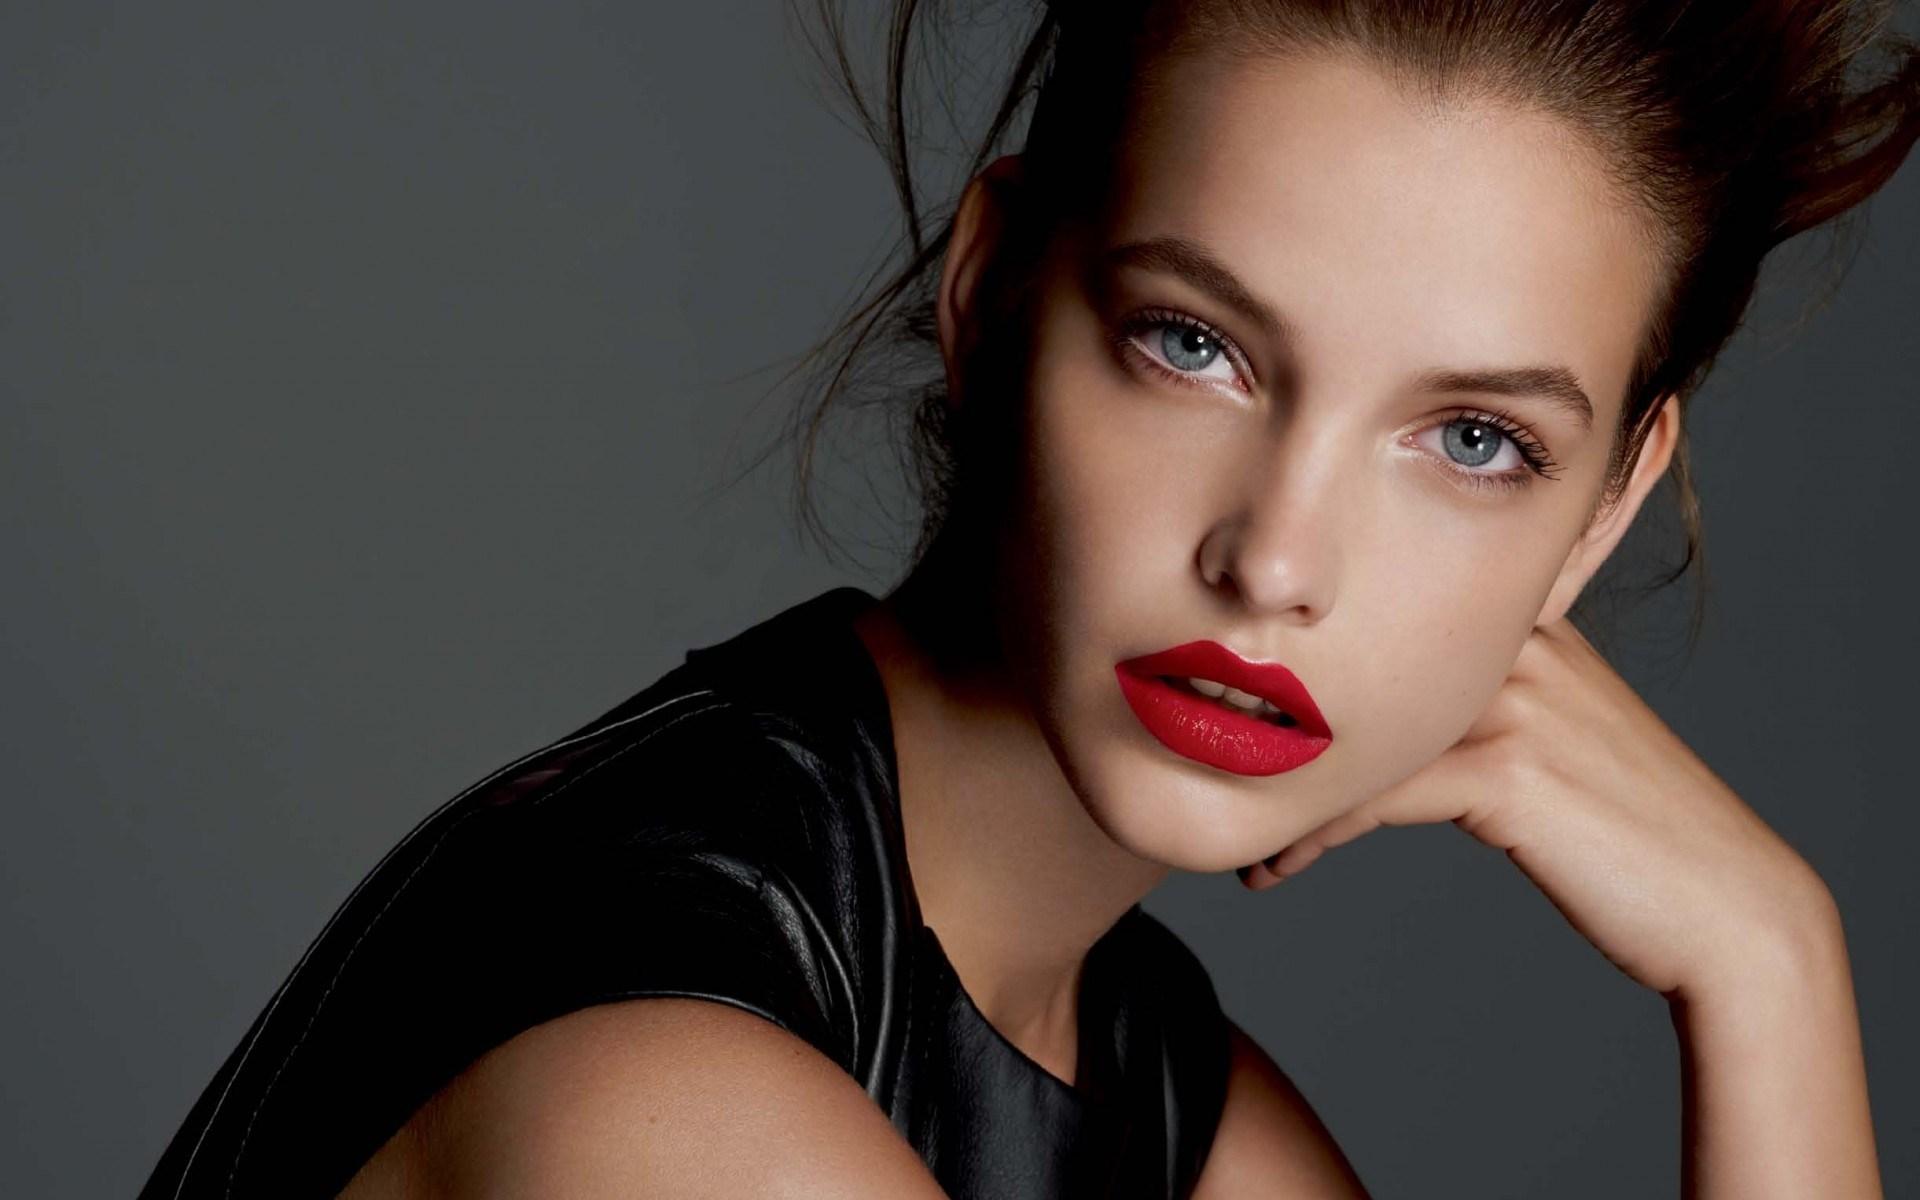 Barbara Palvin Lovely Girl Portrait